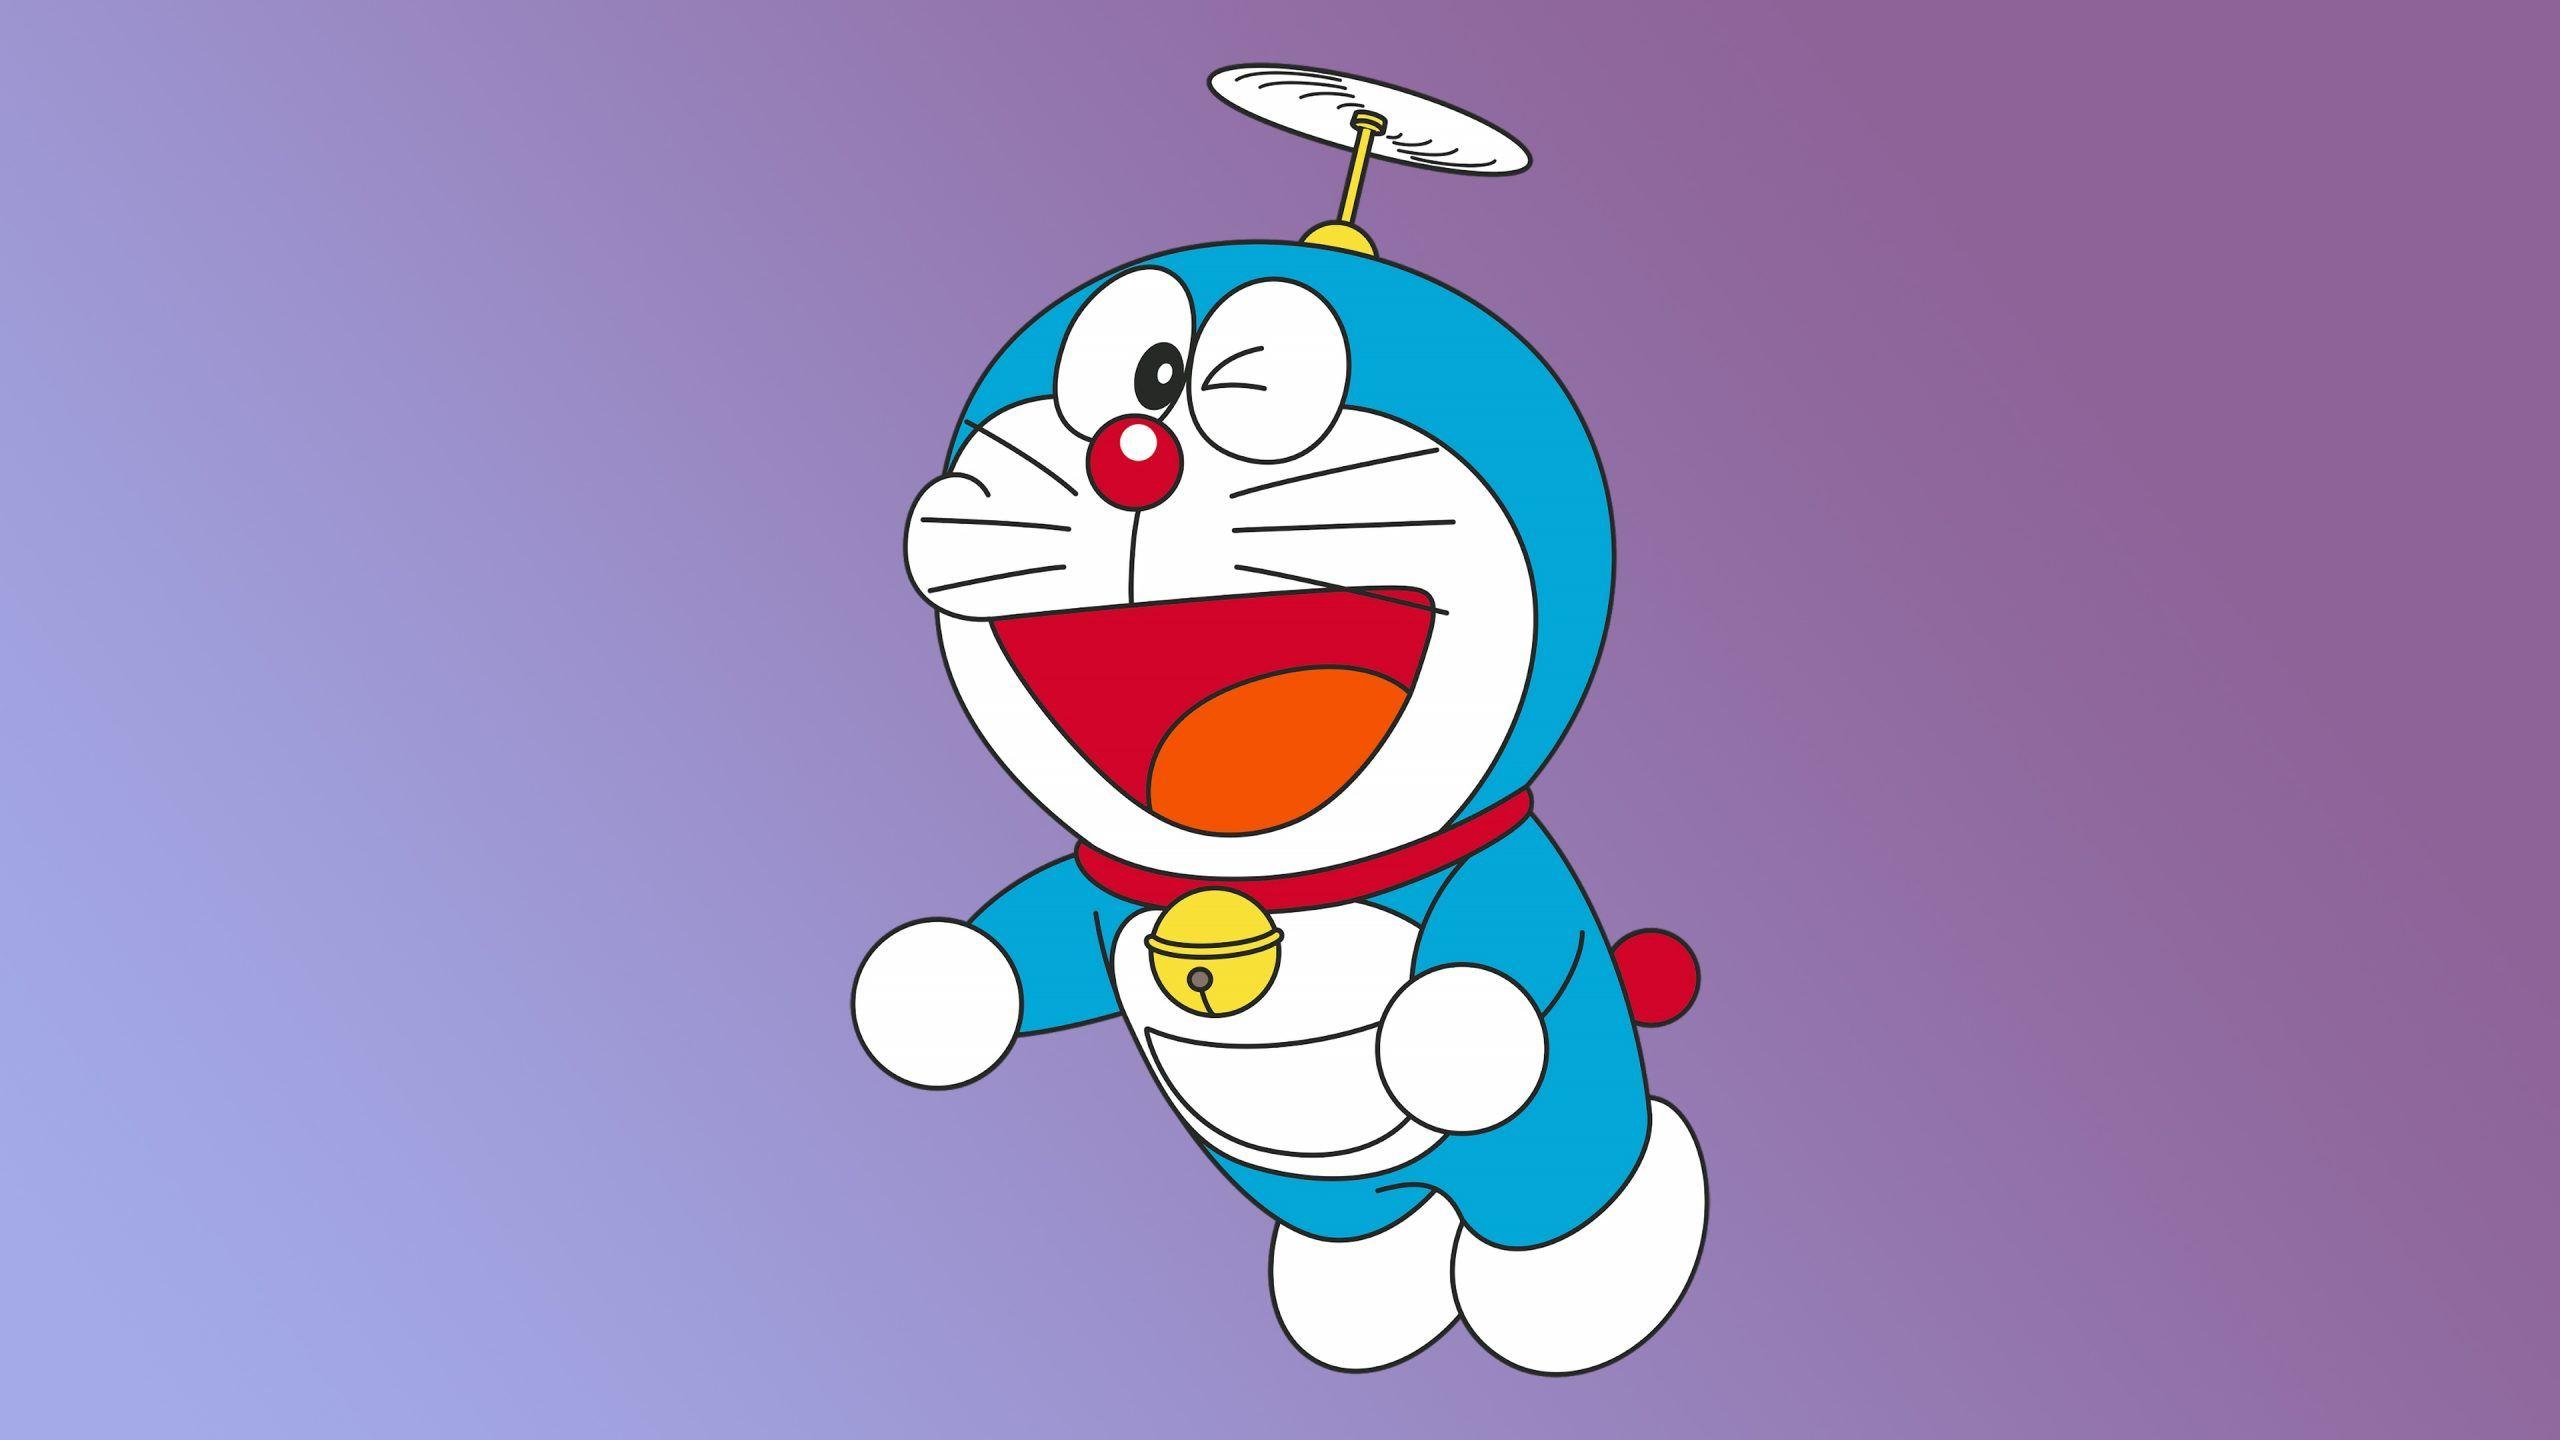 Doraemon Desktop Wallpapers - Wallpaper Cave